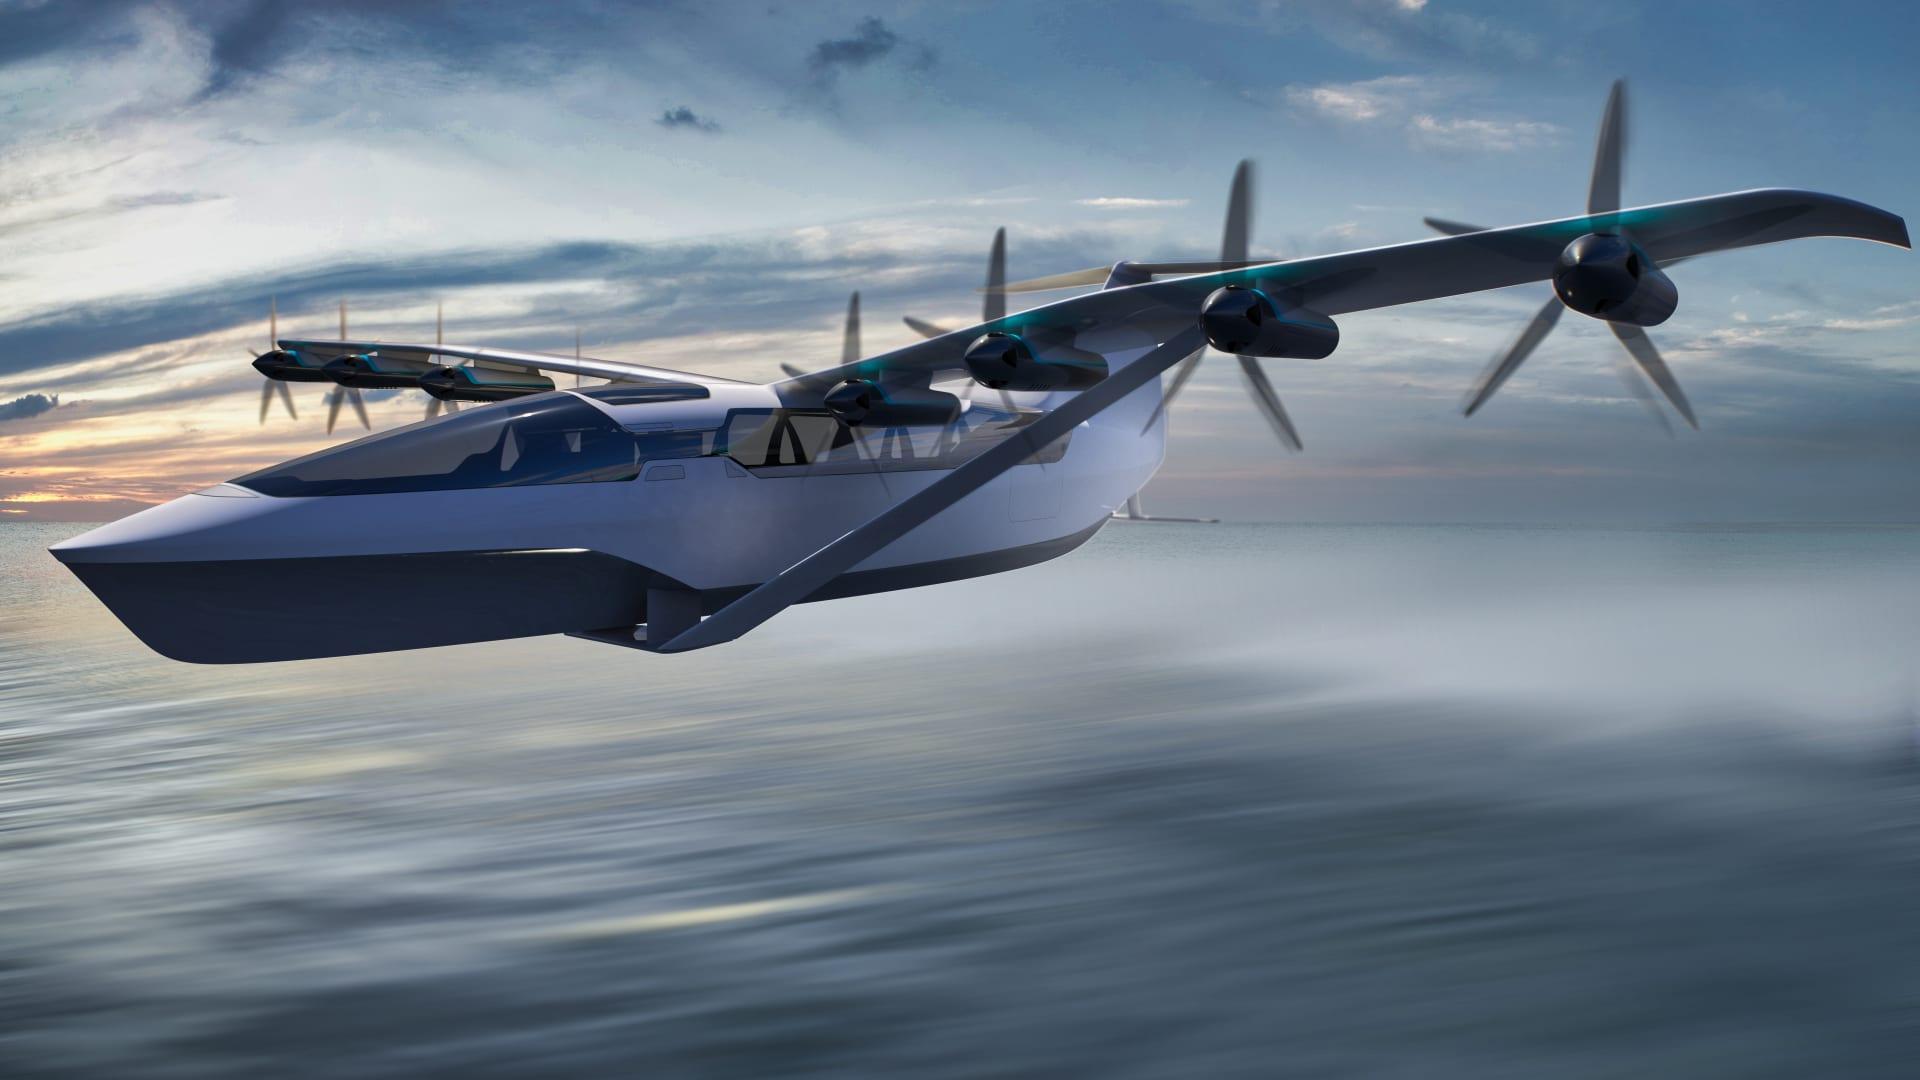 تجمع بين مزايا الطائرات والقوارب.. كيف ستغير هذه المركبة الكهربائية النقل في المدن الساحلية؟